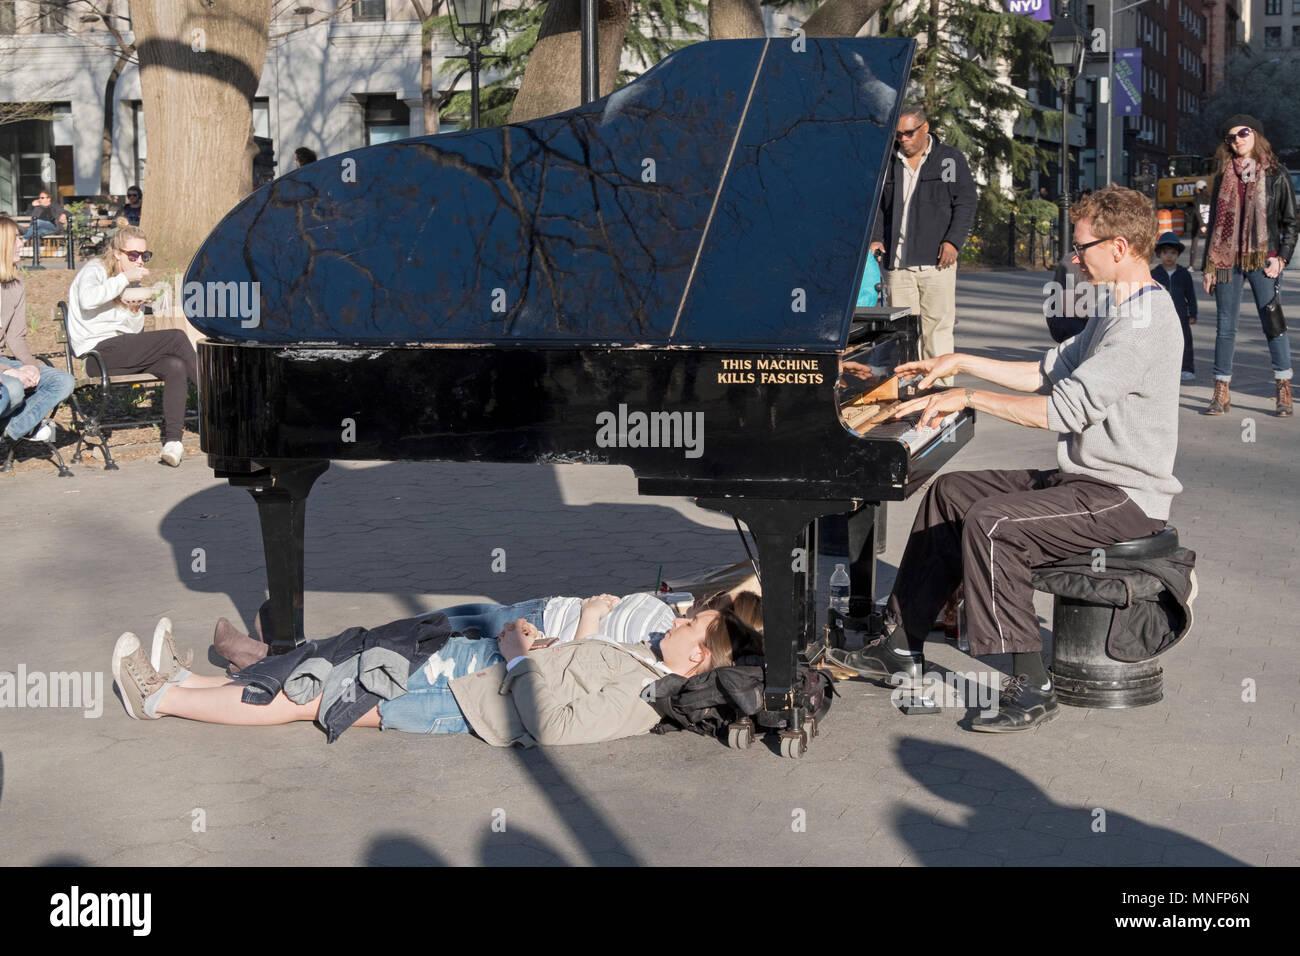 Ein strassenmusikant mit 2 Personen auf mysteriöse Weise unter seine Flügel liegen. Im Washington Square Park in Manhattan, New York City. Stockbild